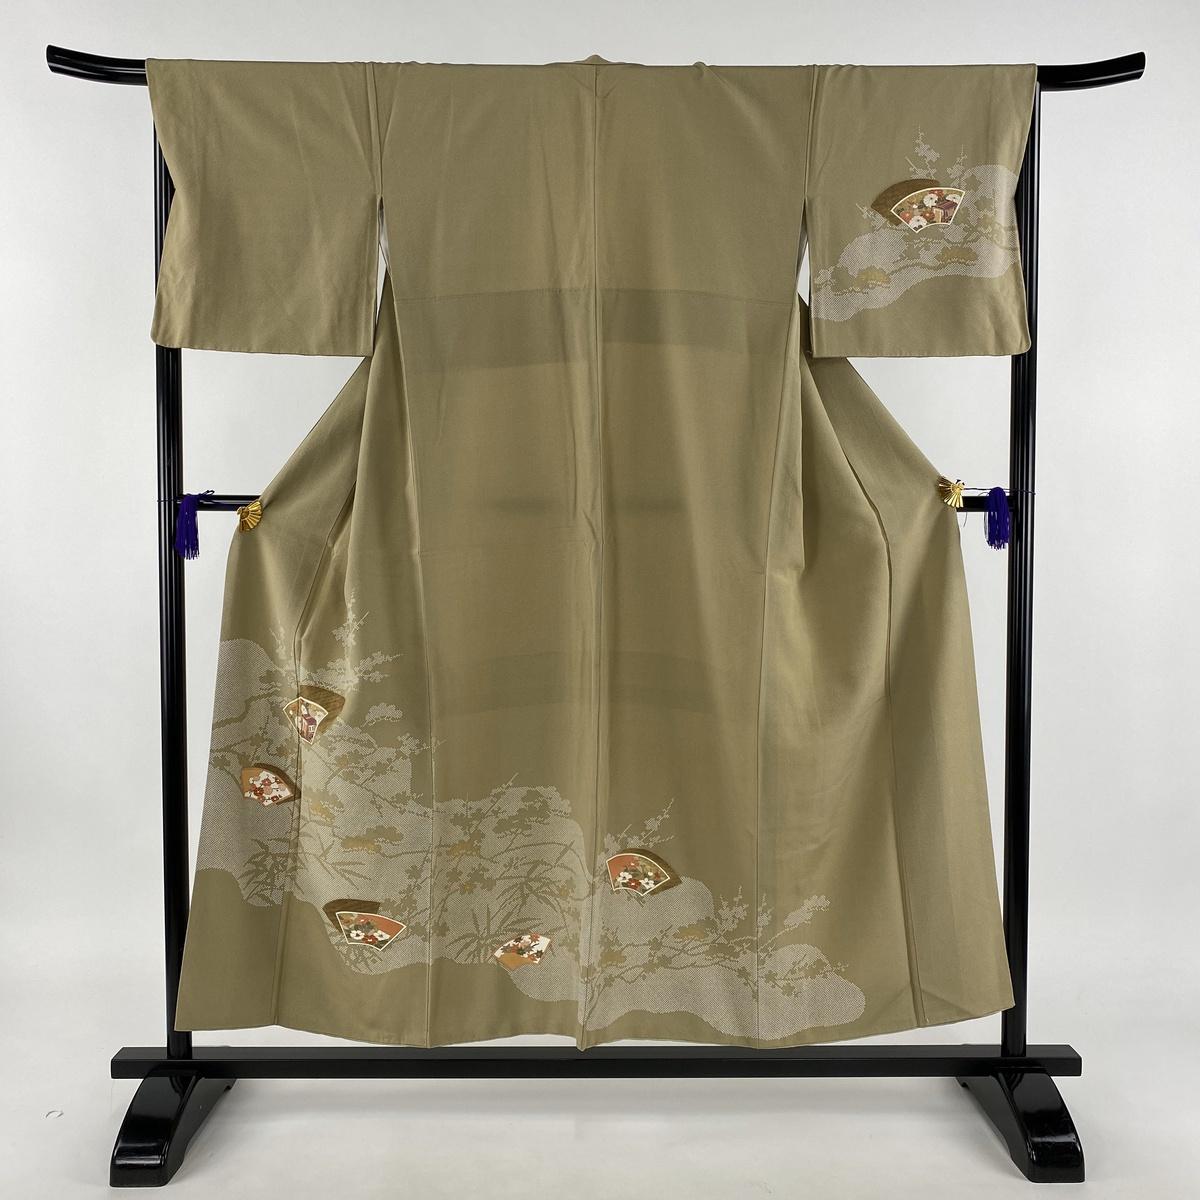 訪問着 秀品 扇面 松竹梅 金彩 茶緑色 袷 身丈153.5cm 裄丈66.5cm M 正絹 【中古】